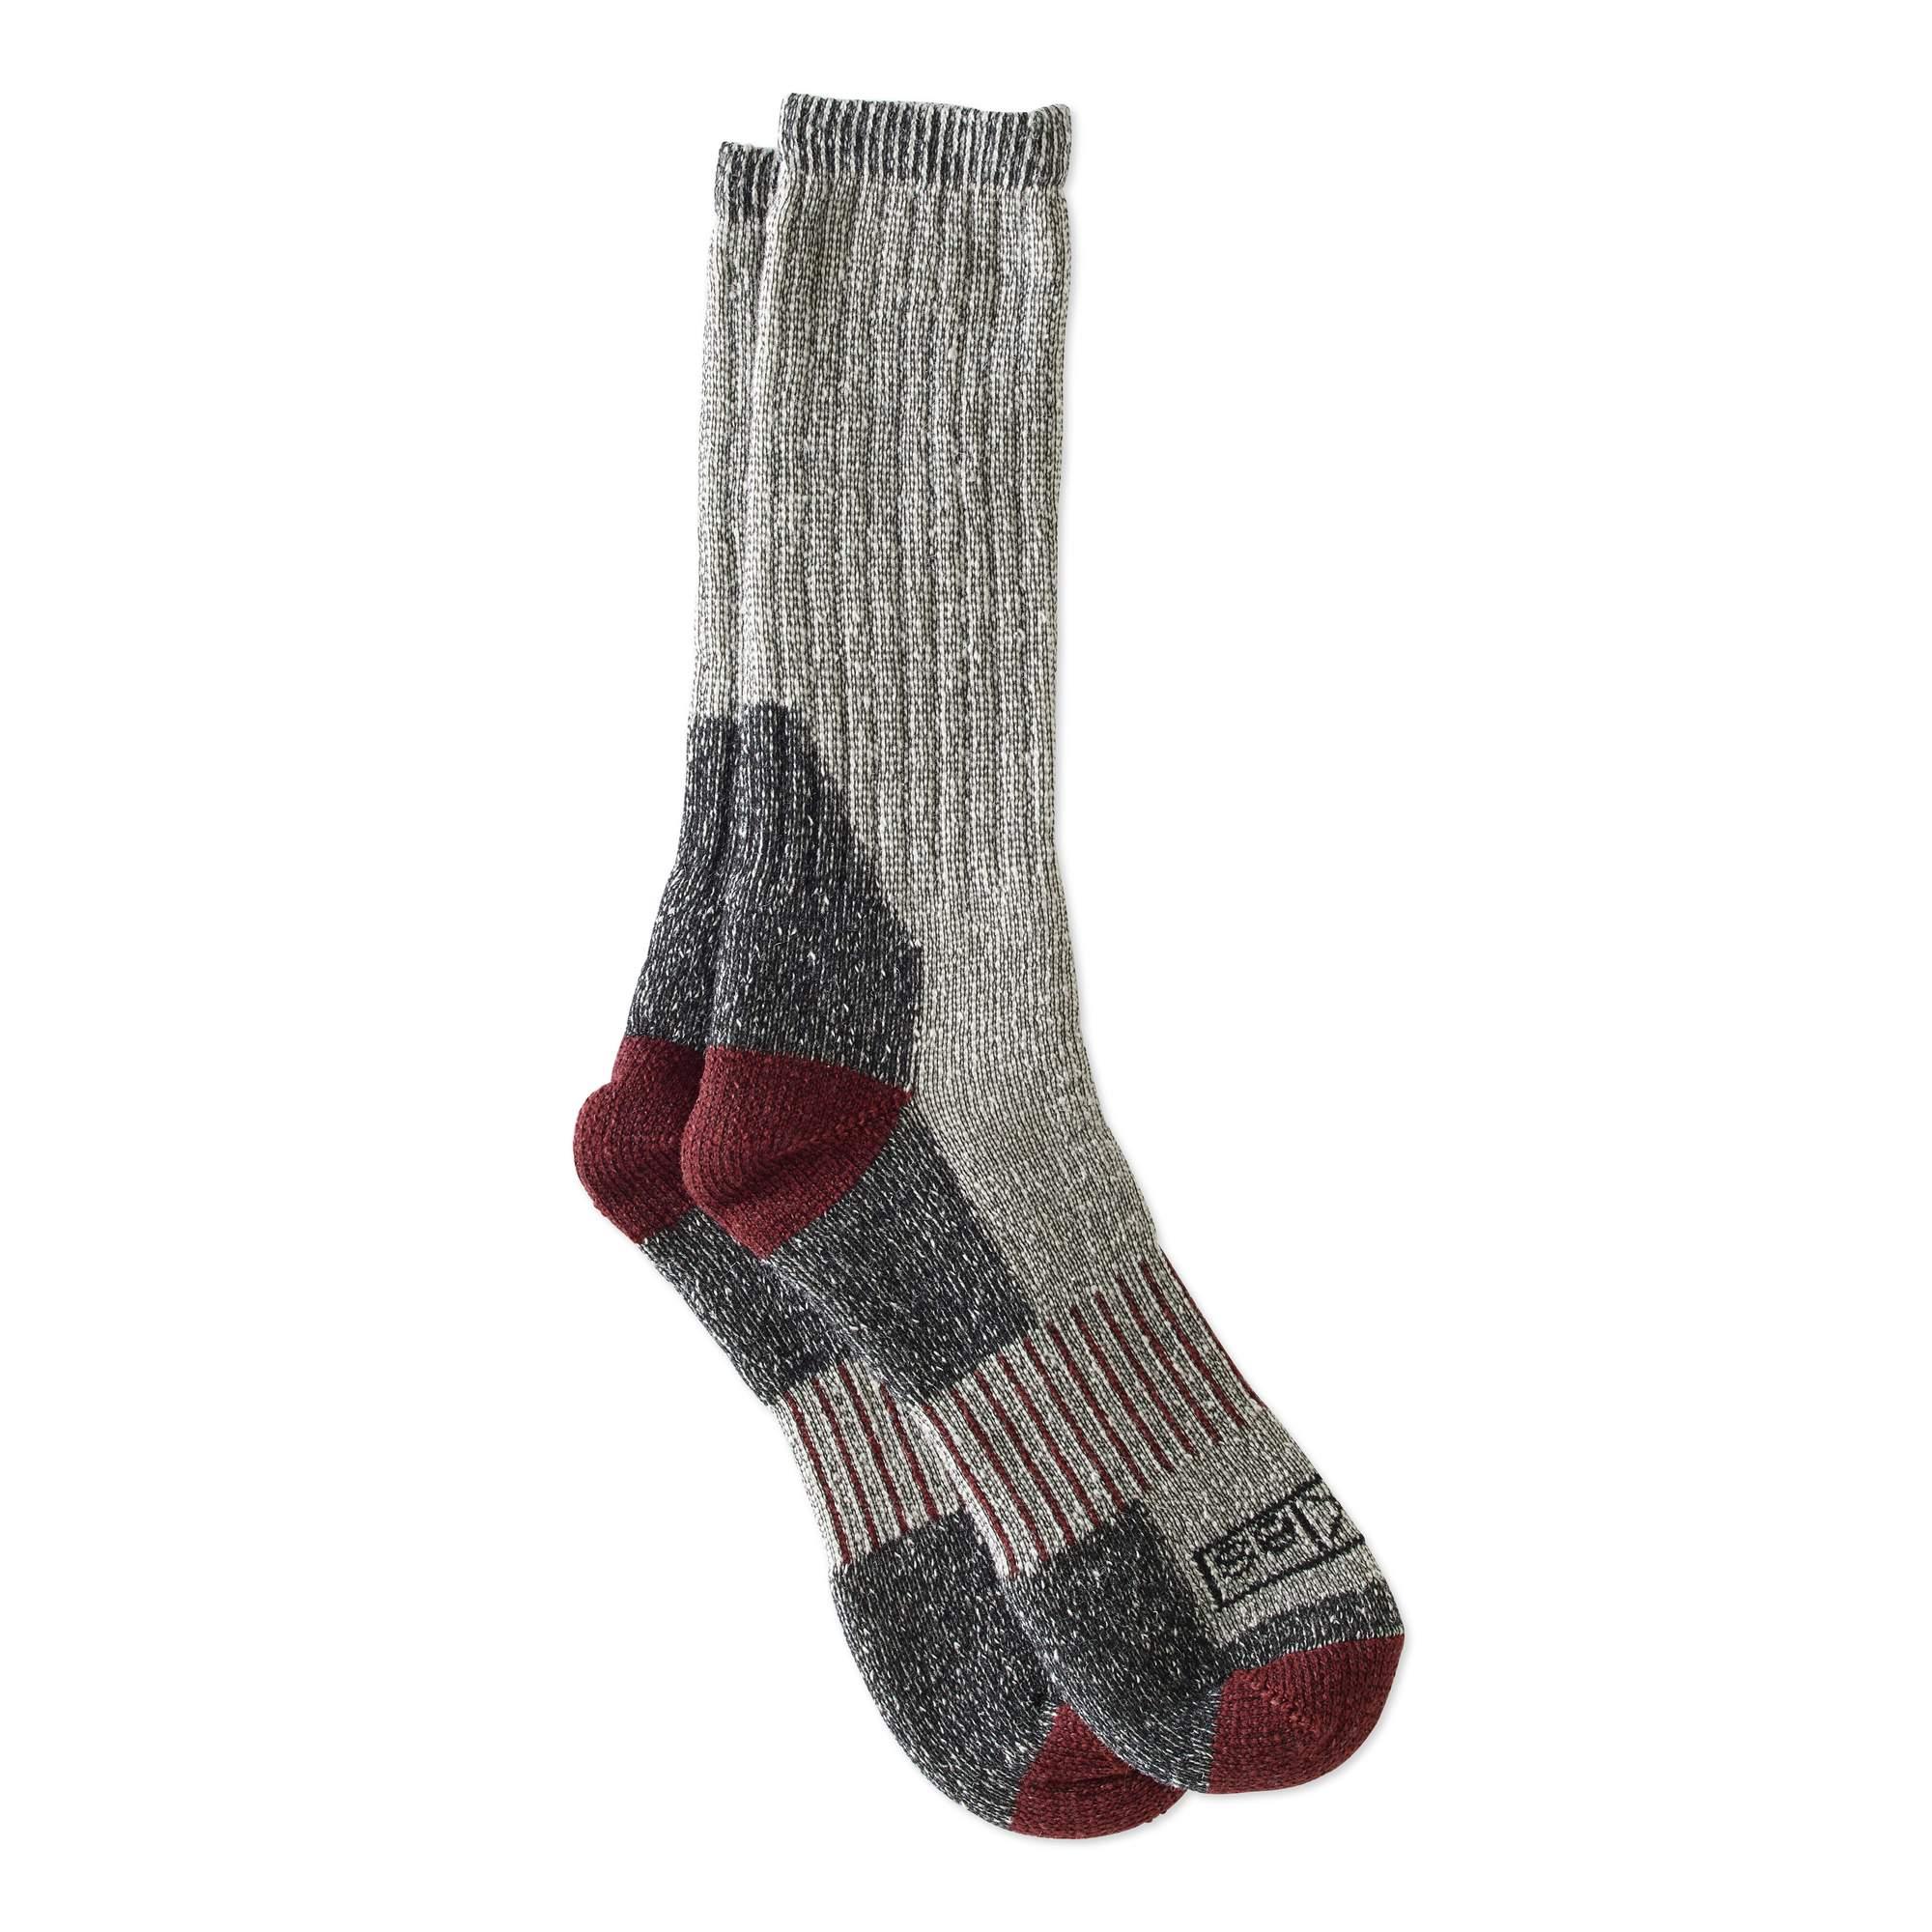 Dickies Men's Wool Thermal Steel Toe Crew Socks, 2-Pack, Size 6-12